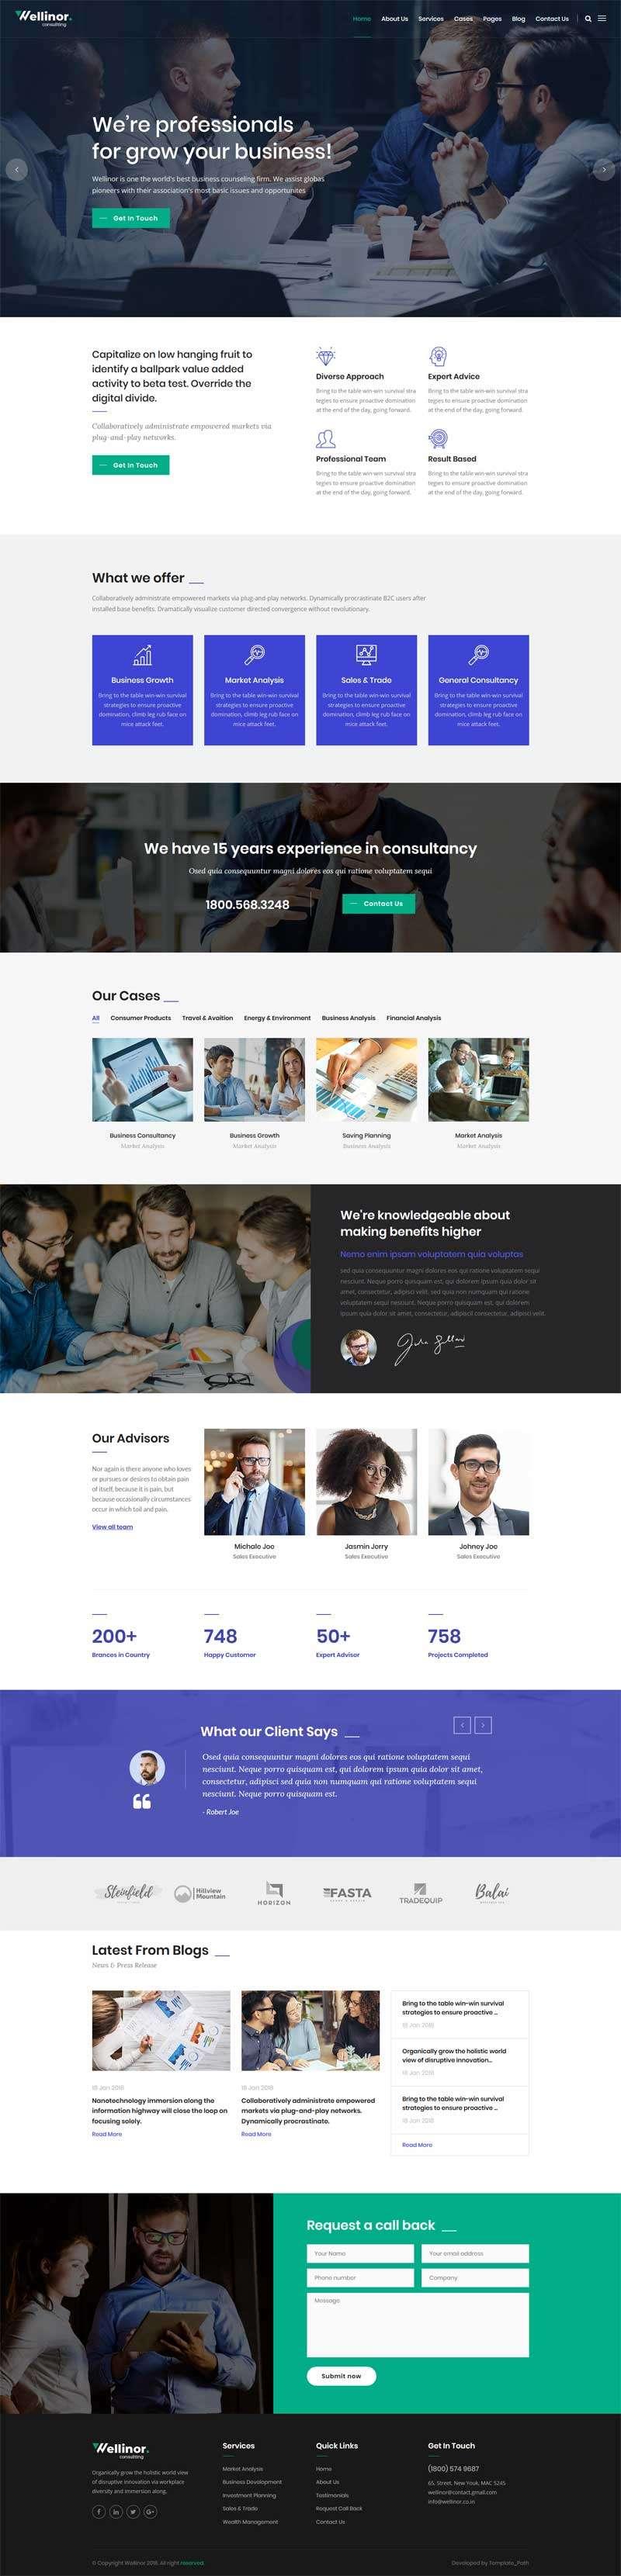 bootstrap商业金融咨询公司网站模板